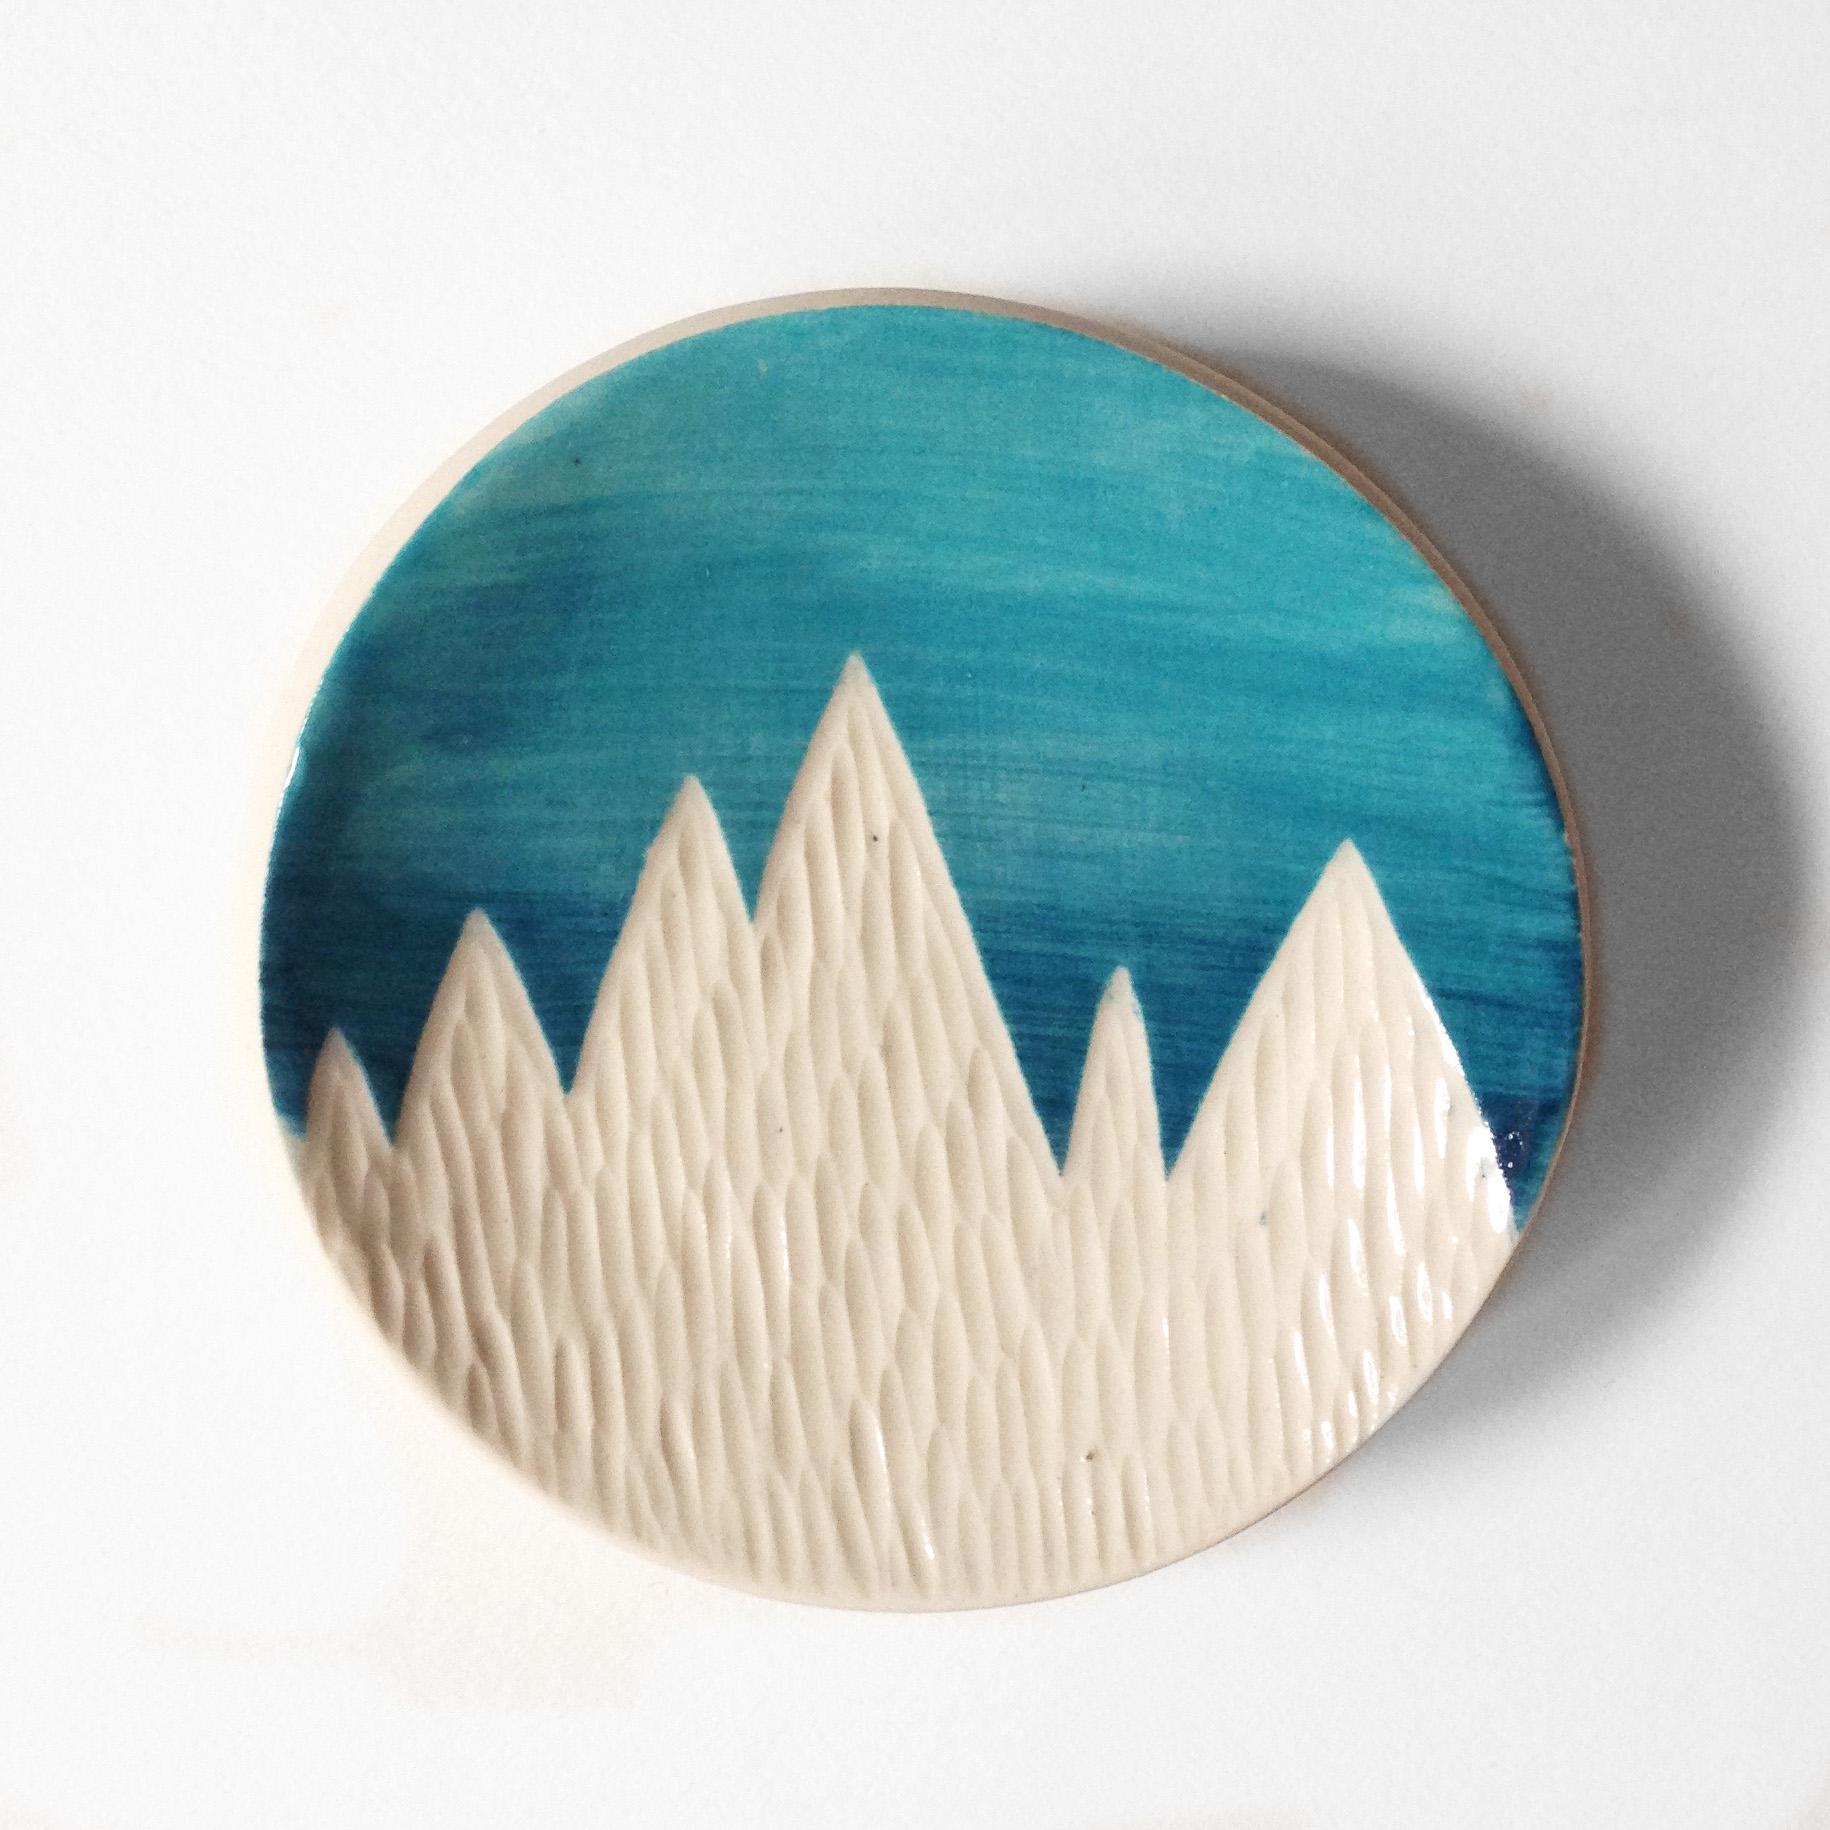 Mountain ring dish